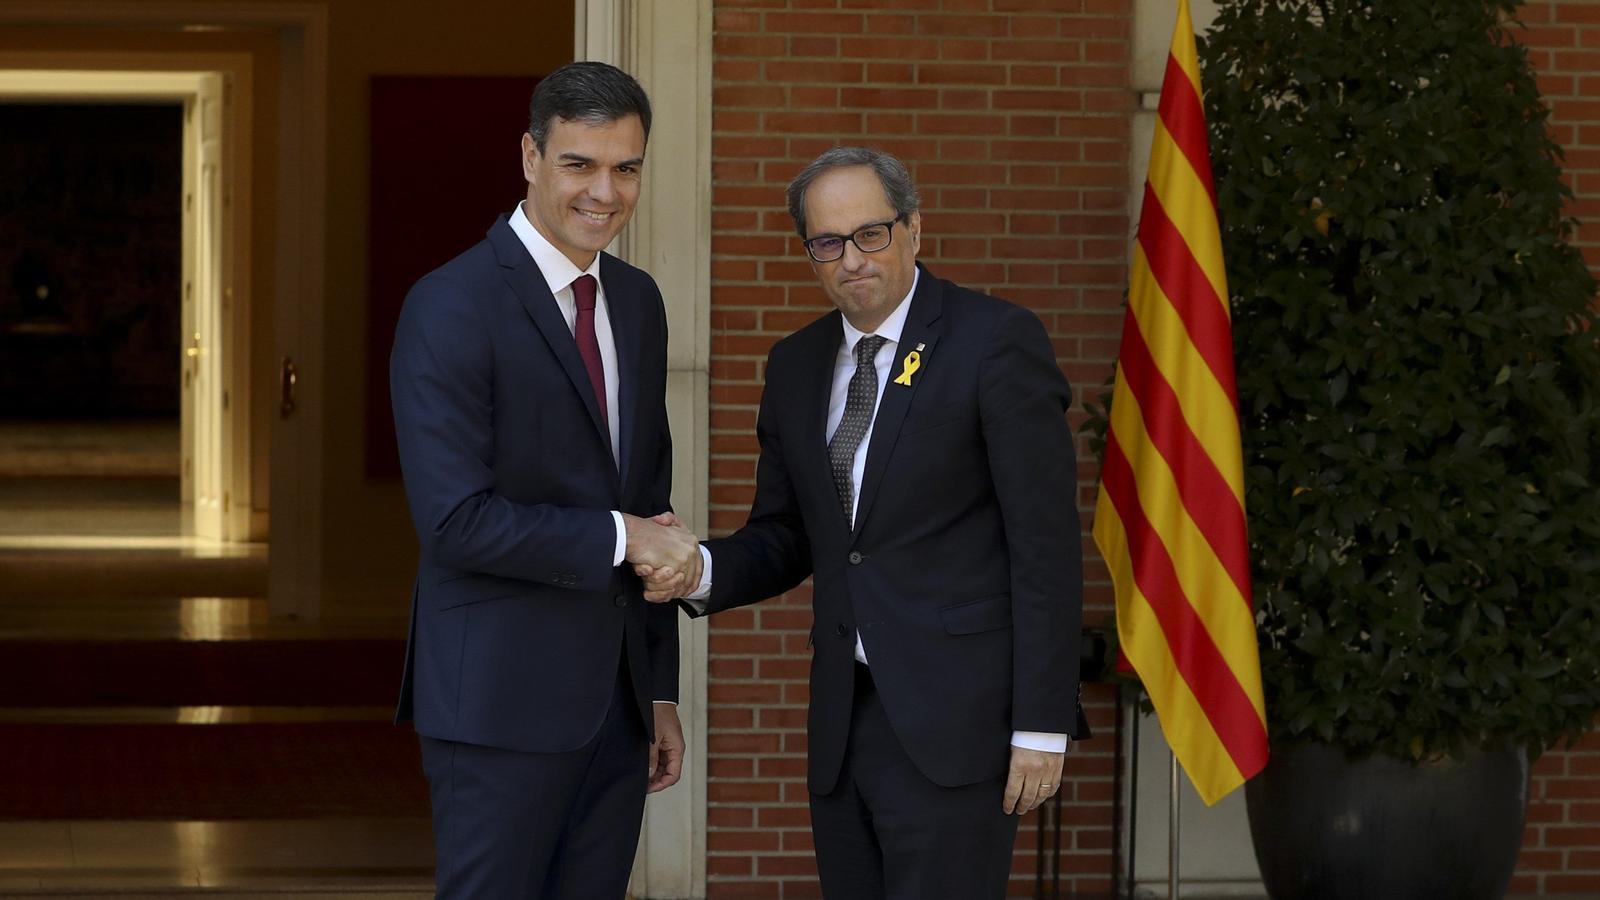 Pedro Sánchez i Quim Torra a la Moncloa / EFE